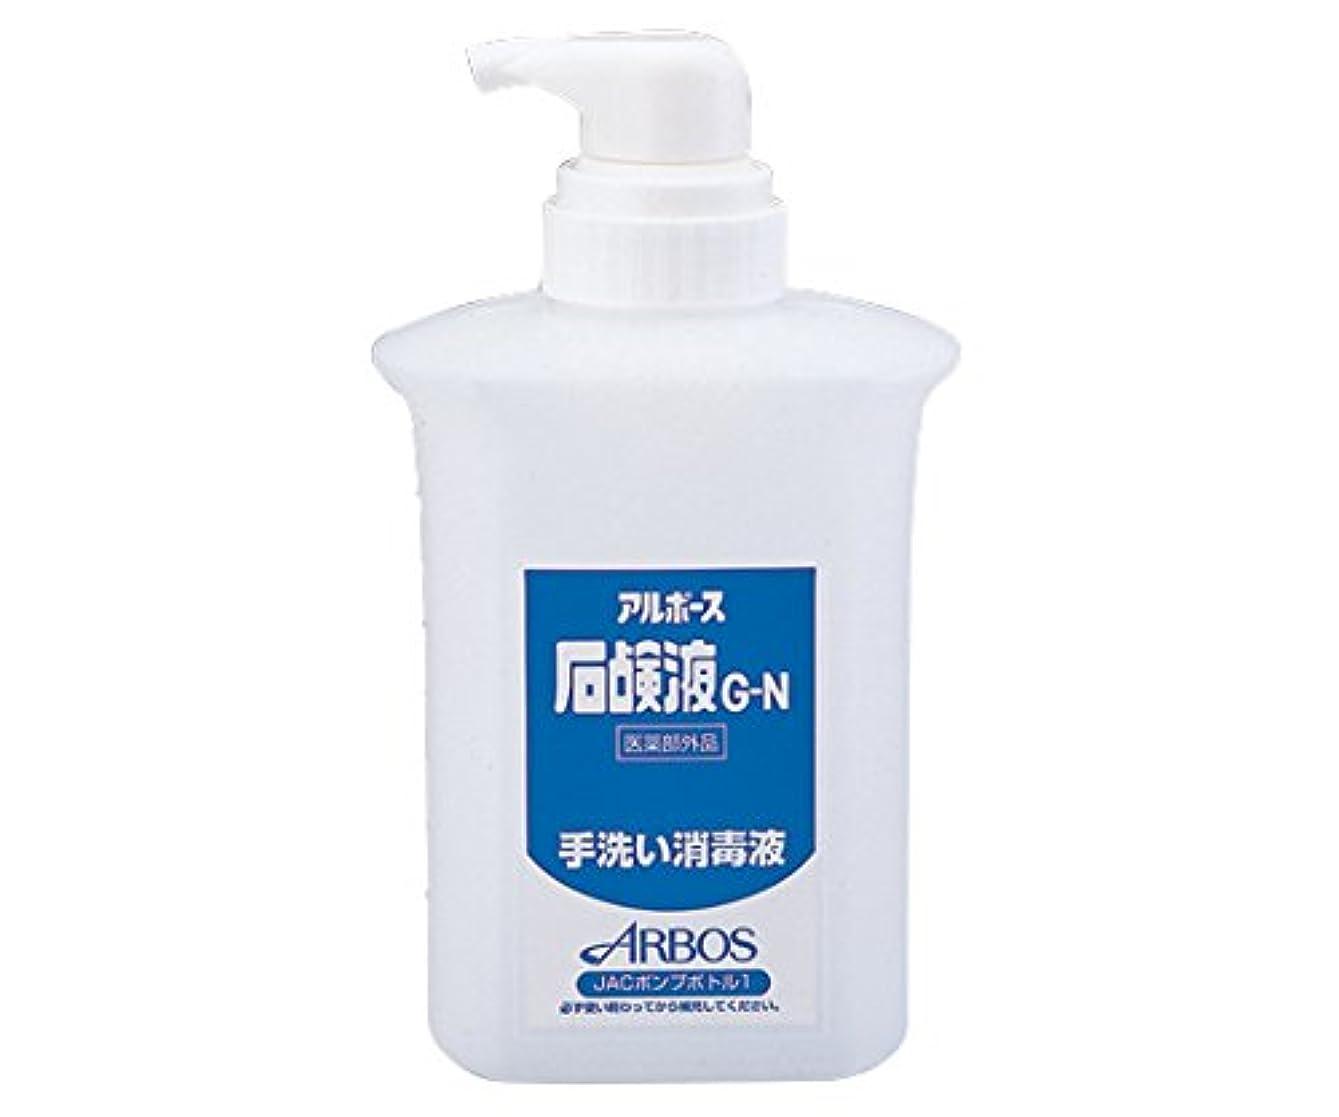 絶縁するハグムスタチオアルボースiG-N用ポンプボトル 1000mL